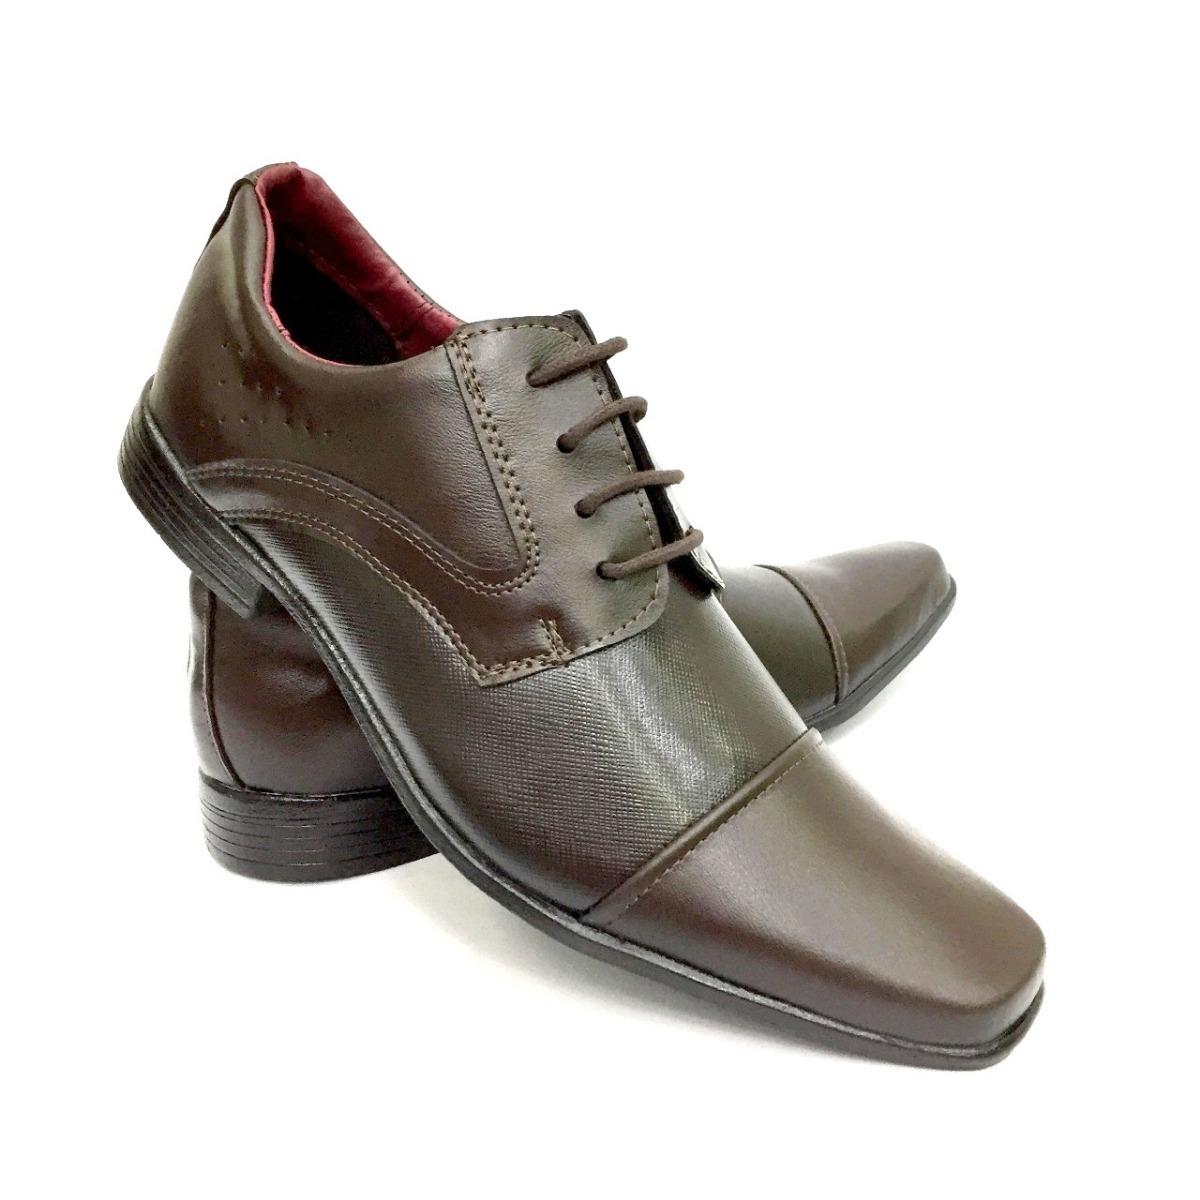 6e23b9a32 sapato masculino sapatenis social amarrar elegante italiano. Carregando zoom .